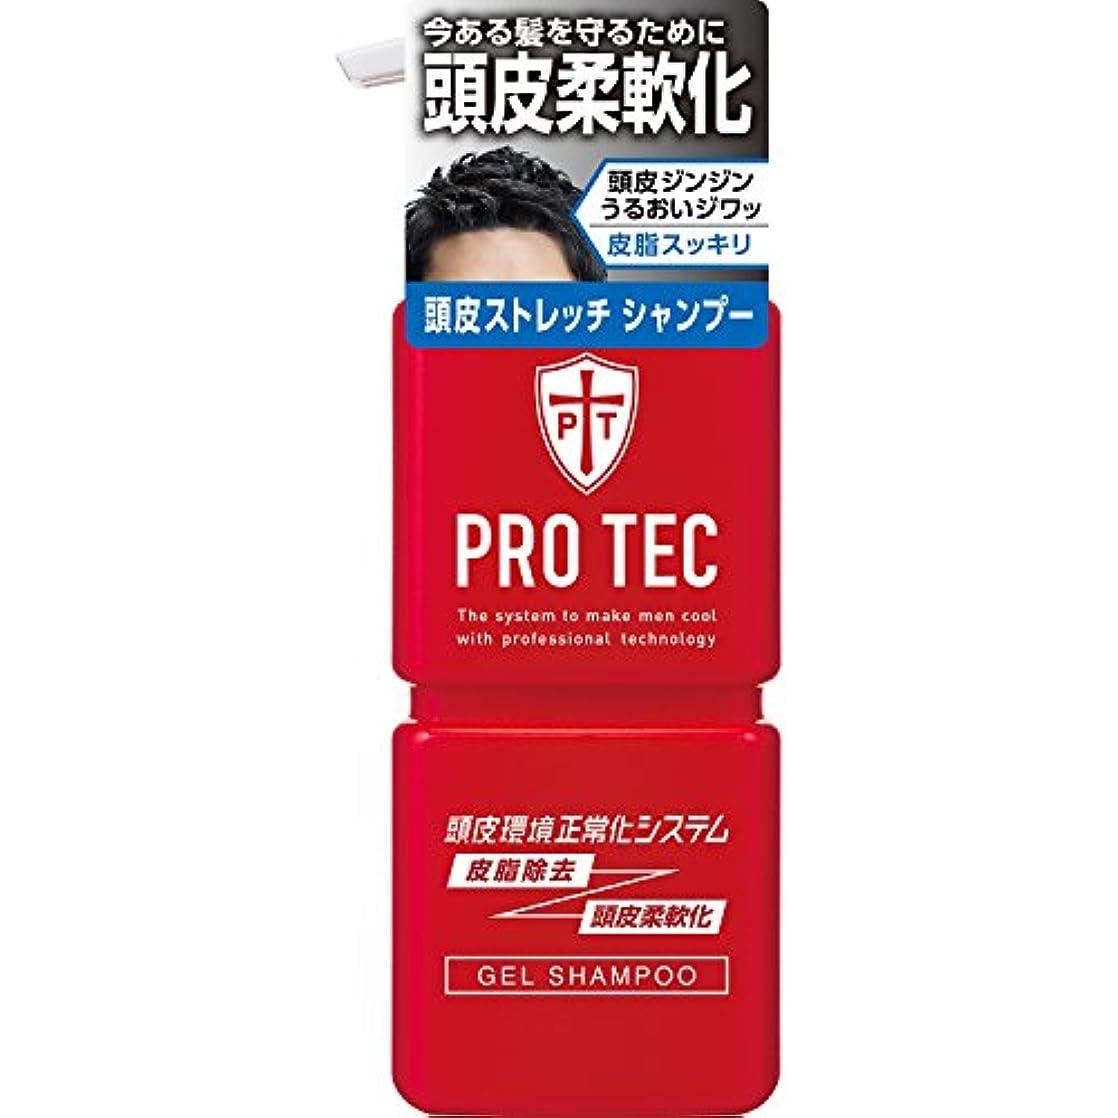 怒っているノーブル驚くべきPRO TEC(プロテク) 頭皮ストレッチ シャンプー 本体ポンプ 300g(医薬部外品)